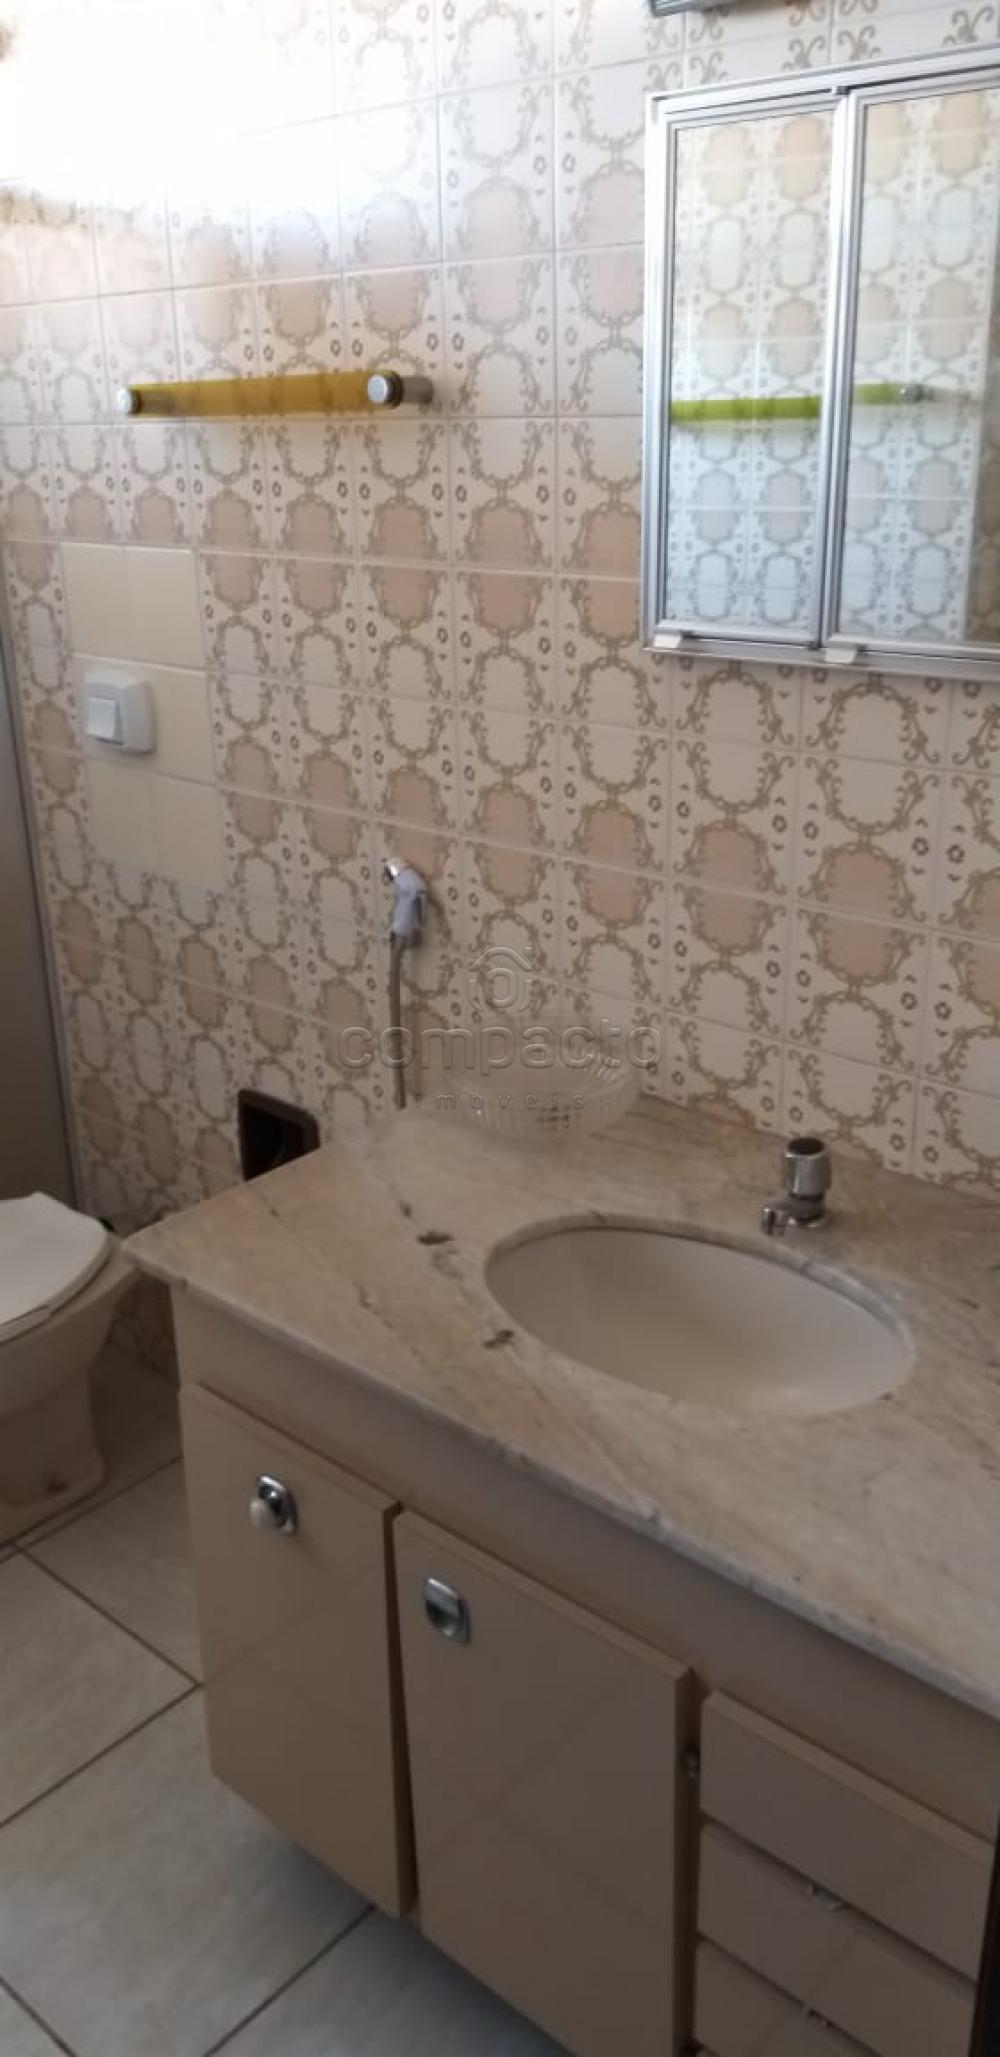 Comprar Apartamento / Padrão em São José do Rio Preto apenas R$ 250.000,00 - Foto 14